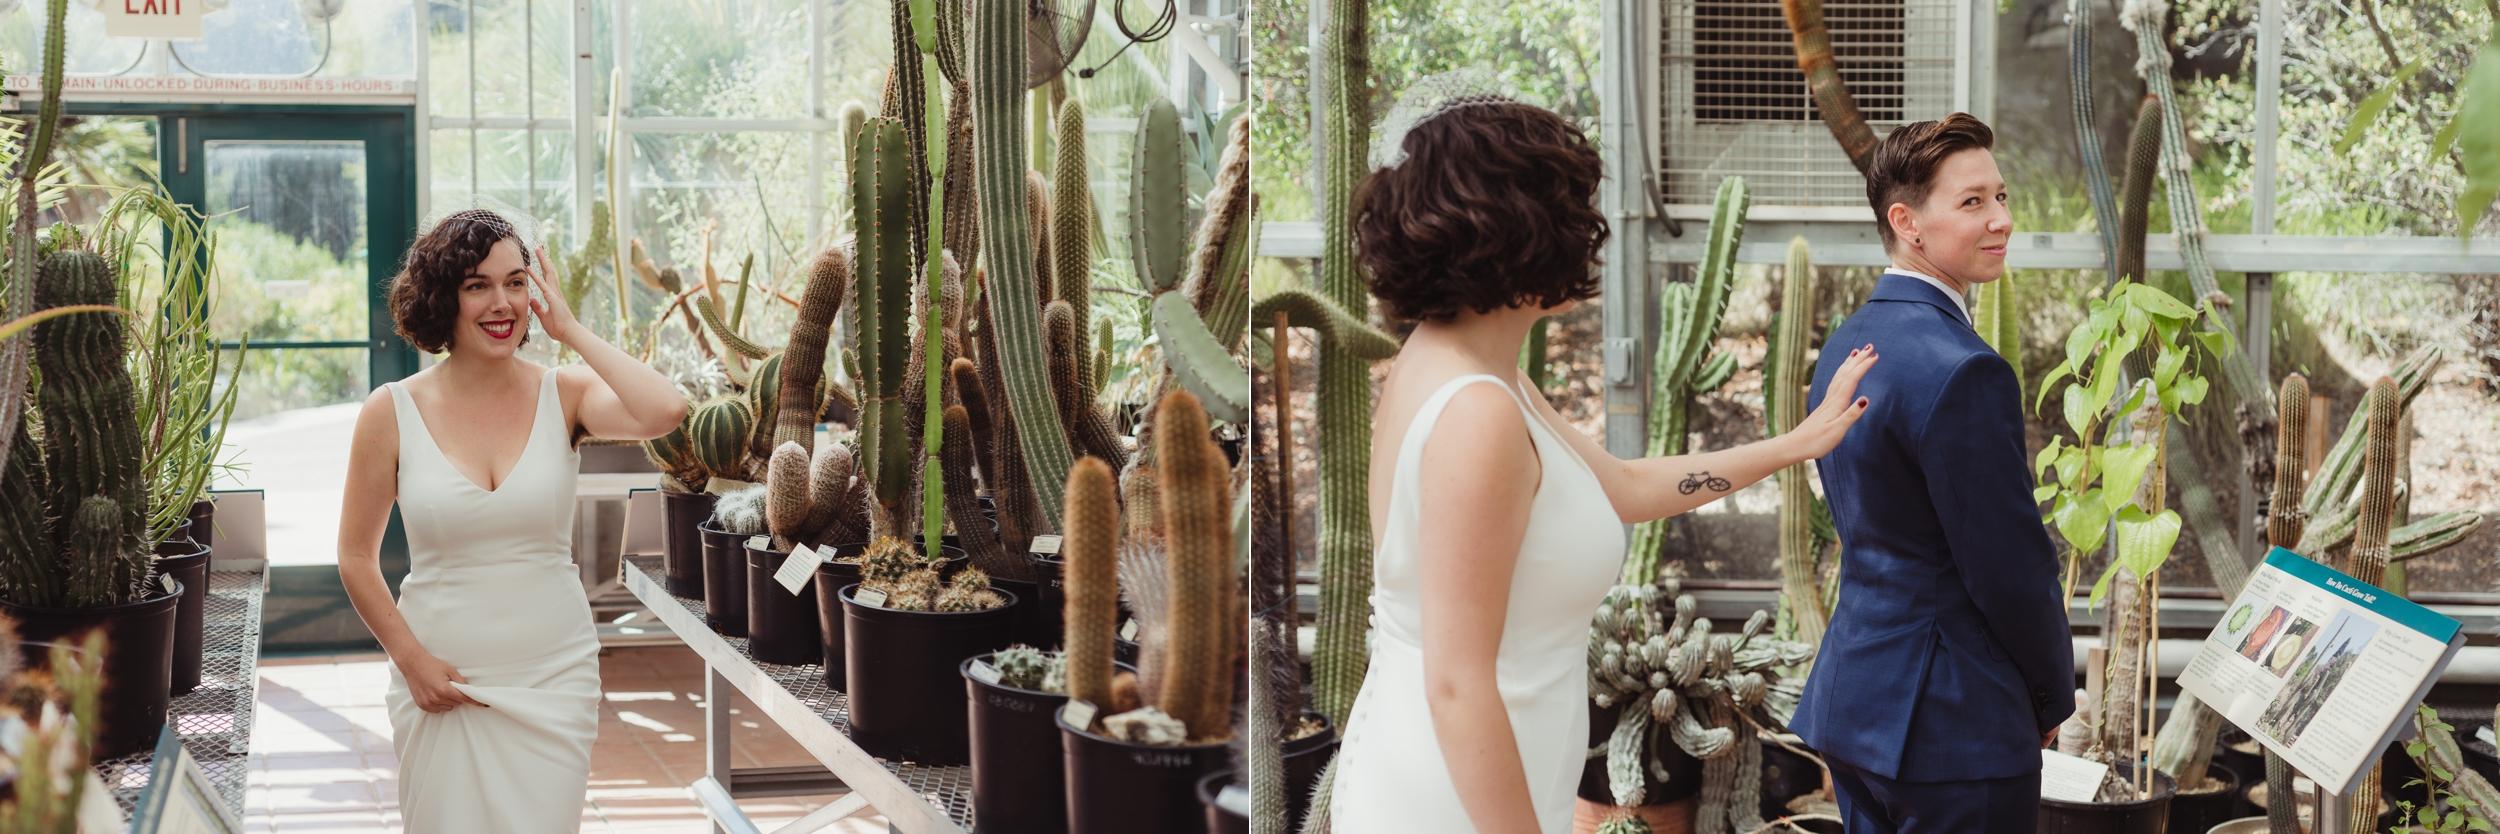 lgbtq-uc-berkeley-botanical-garden-wedding-vivianchen-013.jpg